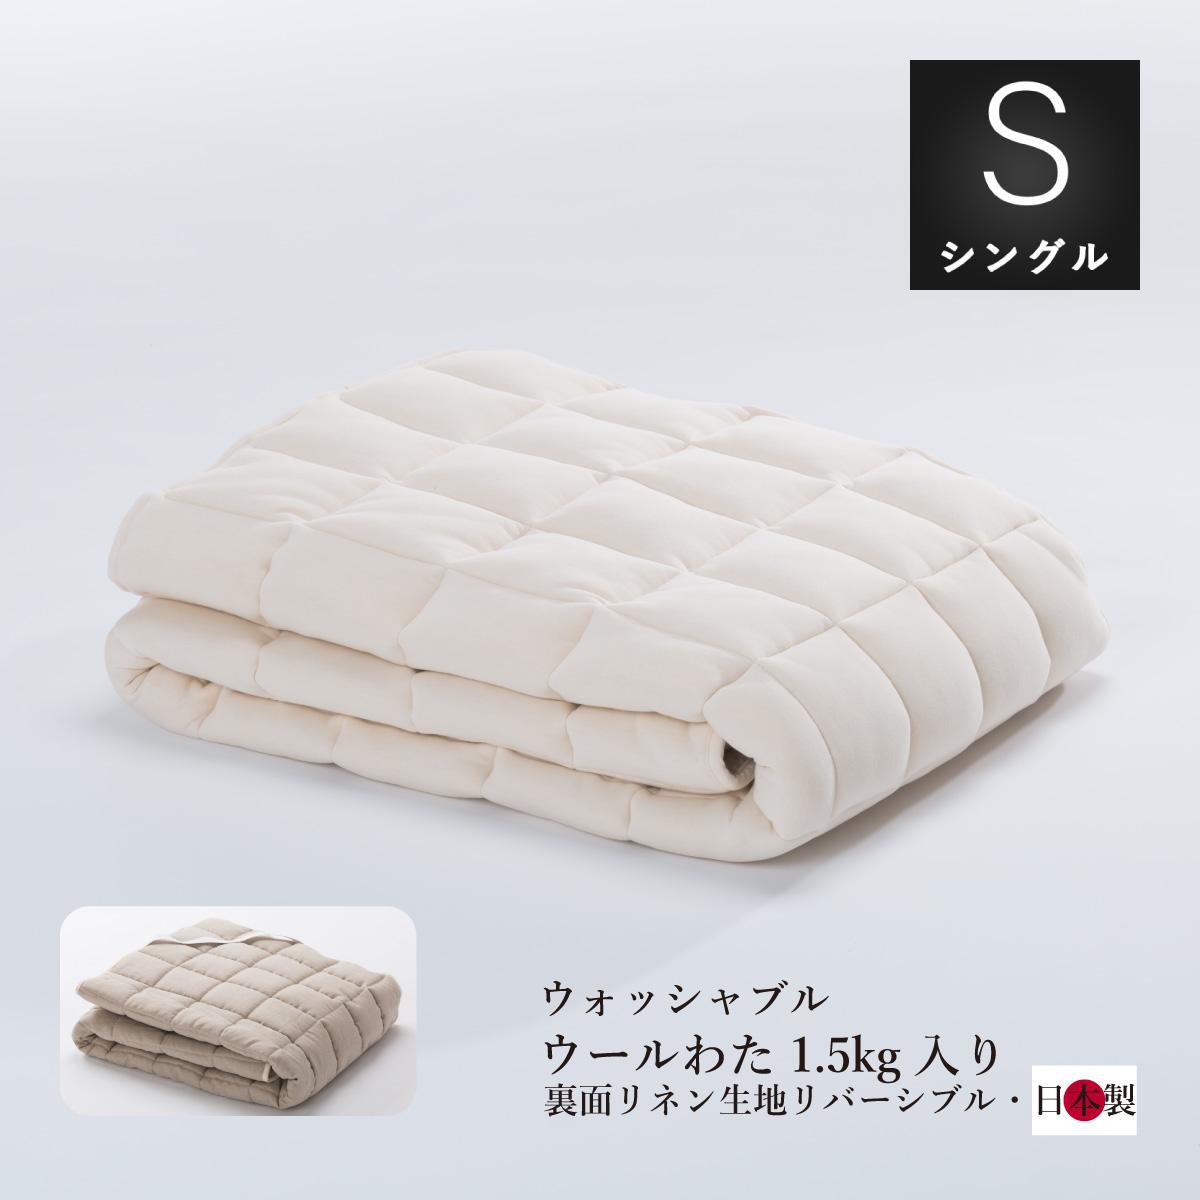 【お気に入り】 当店のオリジナル 2枚敷き用日本製 高品質 高品質 羊毛ベッドパッド薄手 羊毛敷き布団シングルサイズ, Select shop ams:f822be94 --- pressure-shirt.xyz